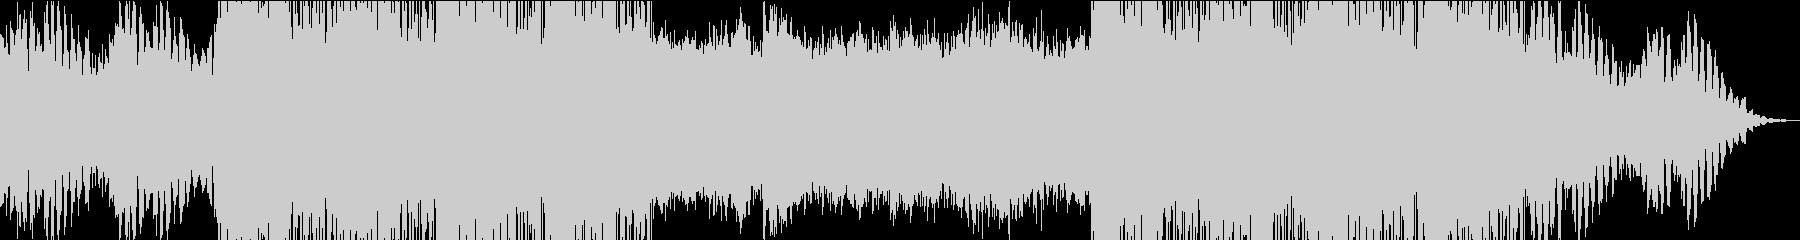 シリアスなクールなハウスBGMの未再生の波形